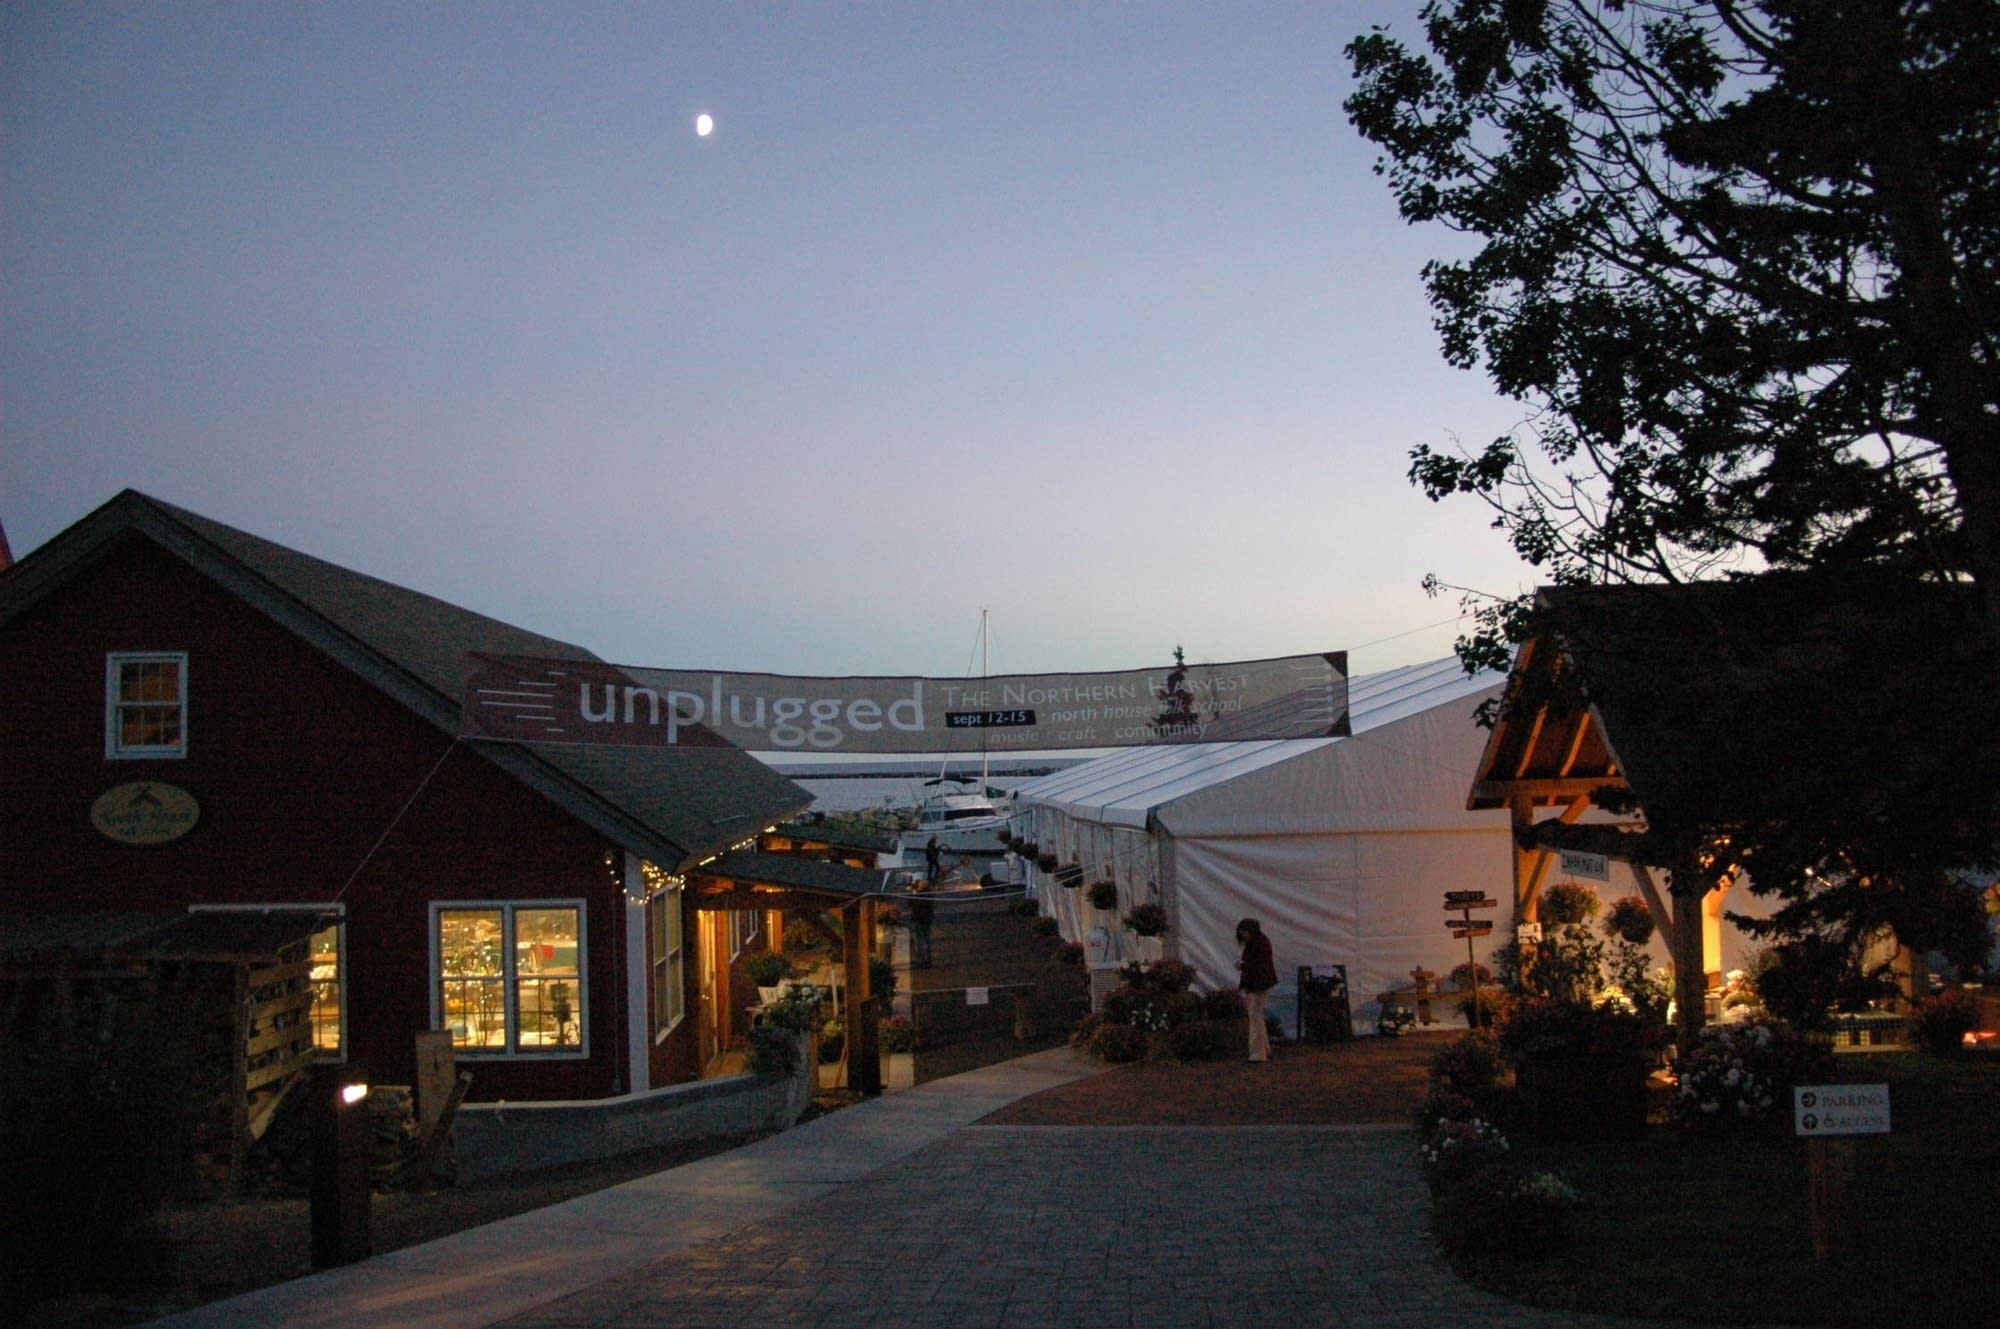 North House Folk School: Unplugged